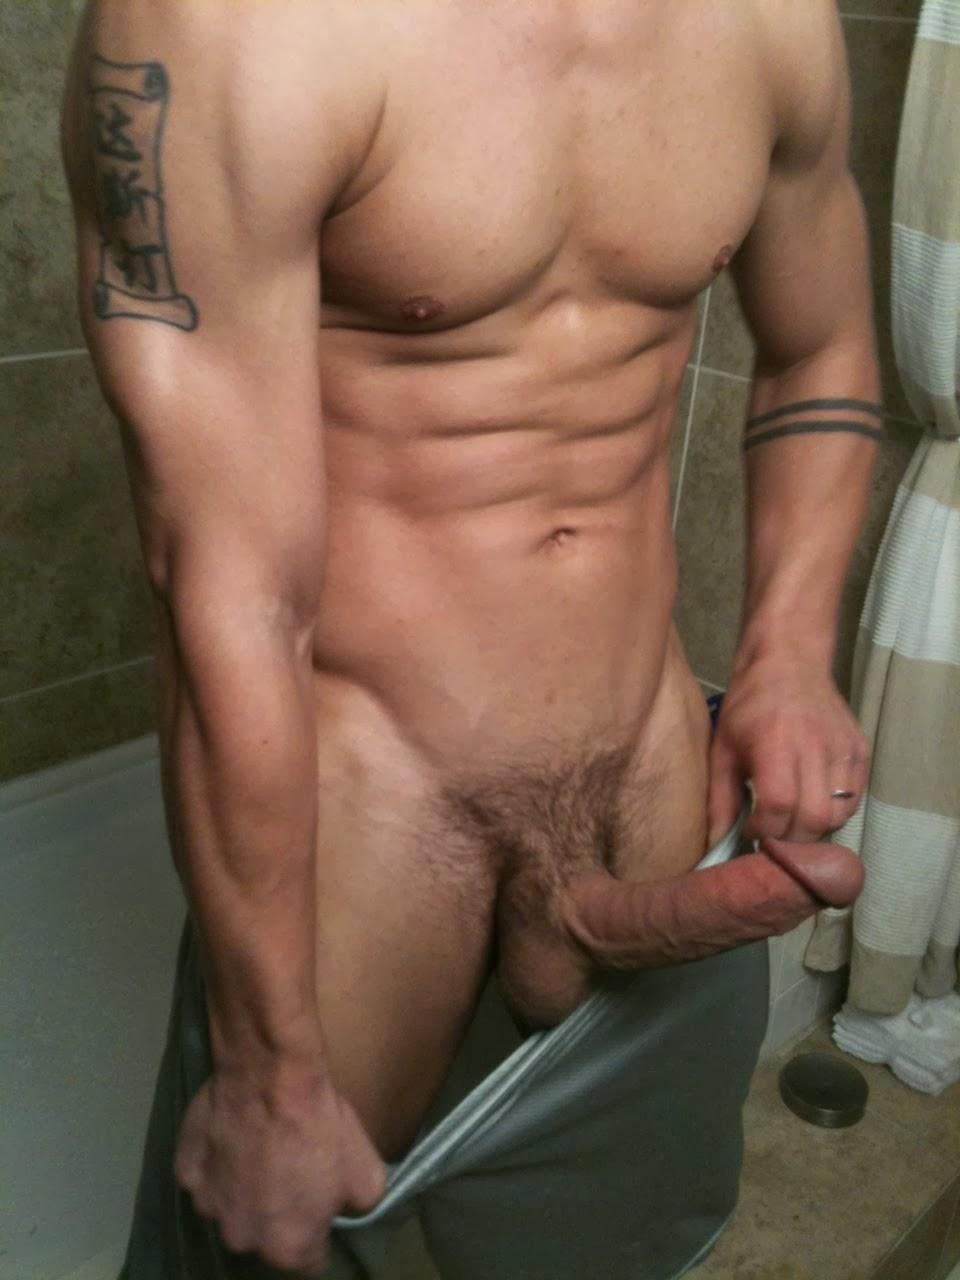 Big gay cock bathroom